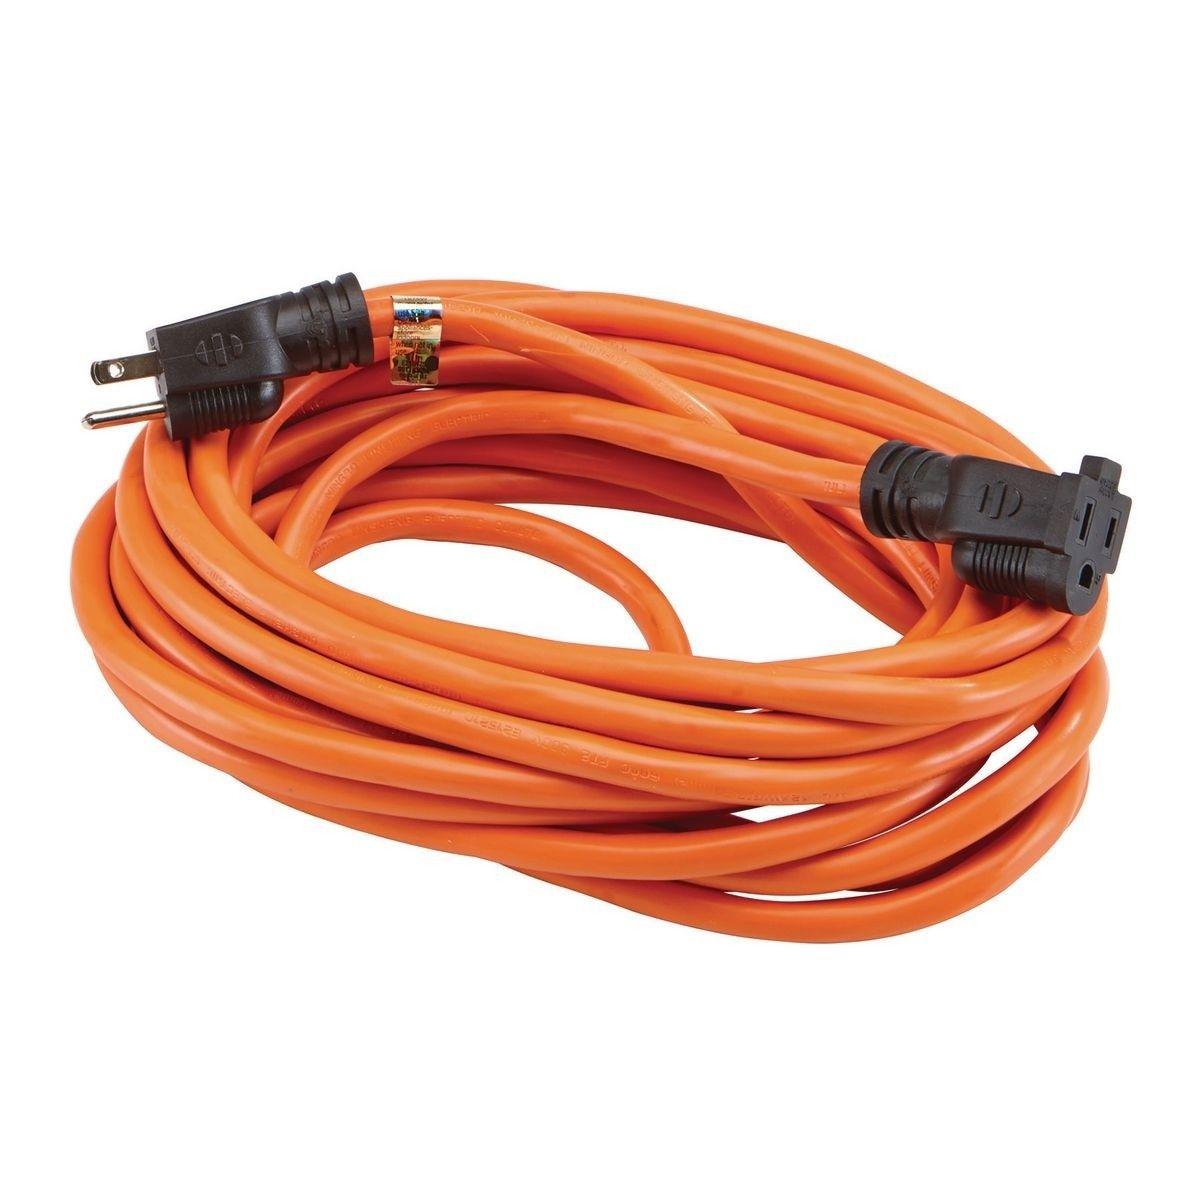 25 Ft X 12 Gauge Outdoor Extension Cord In 2020 Outdoor Extension Cord Extension Cord 12 Gauge